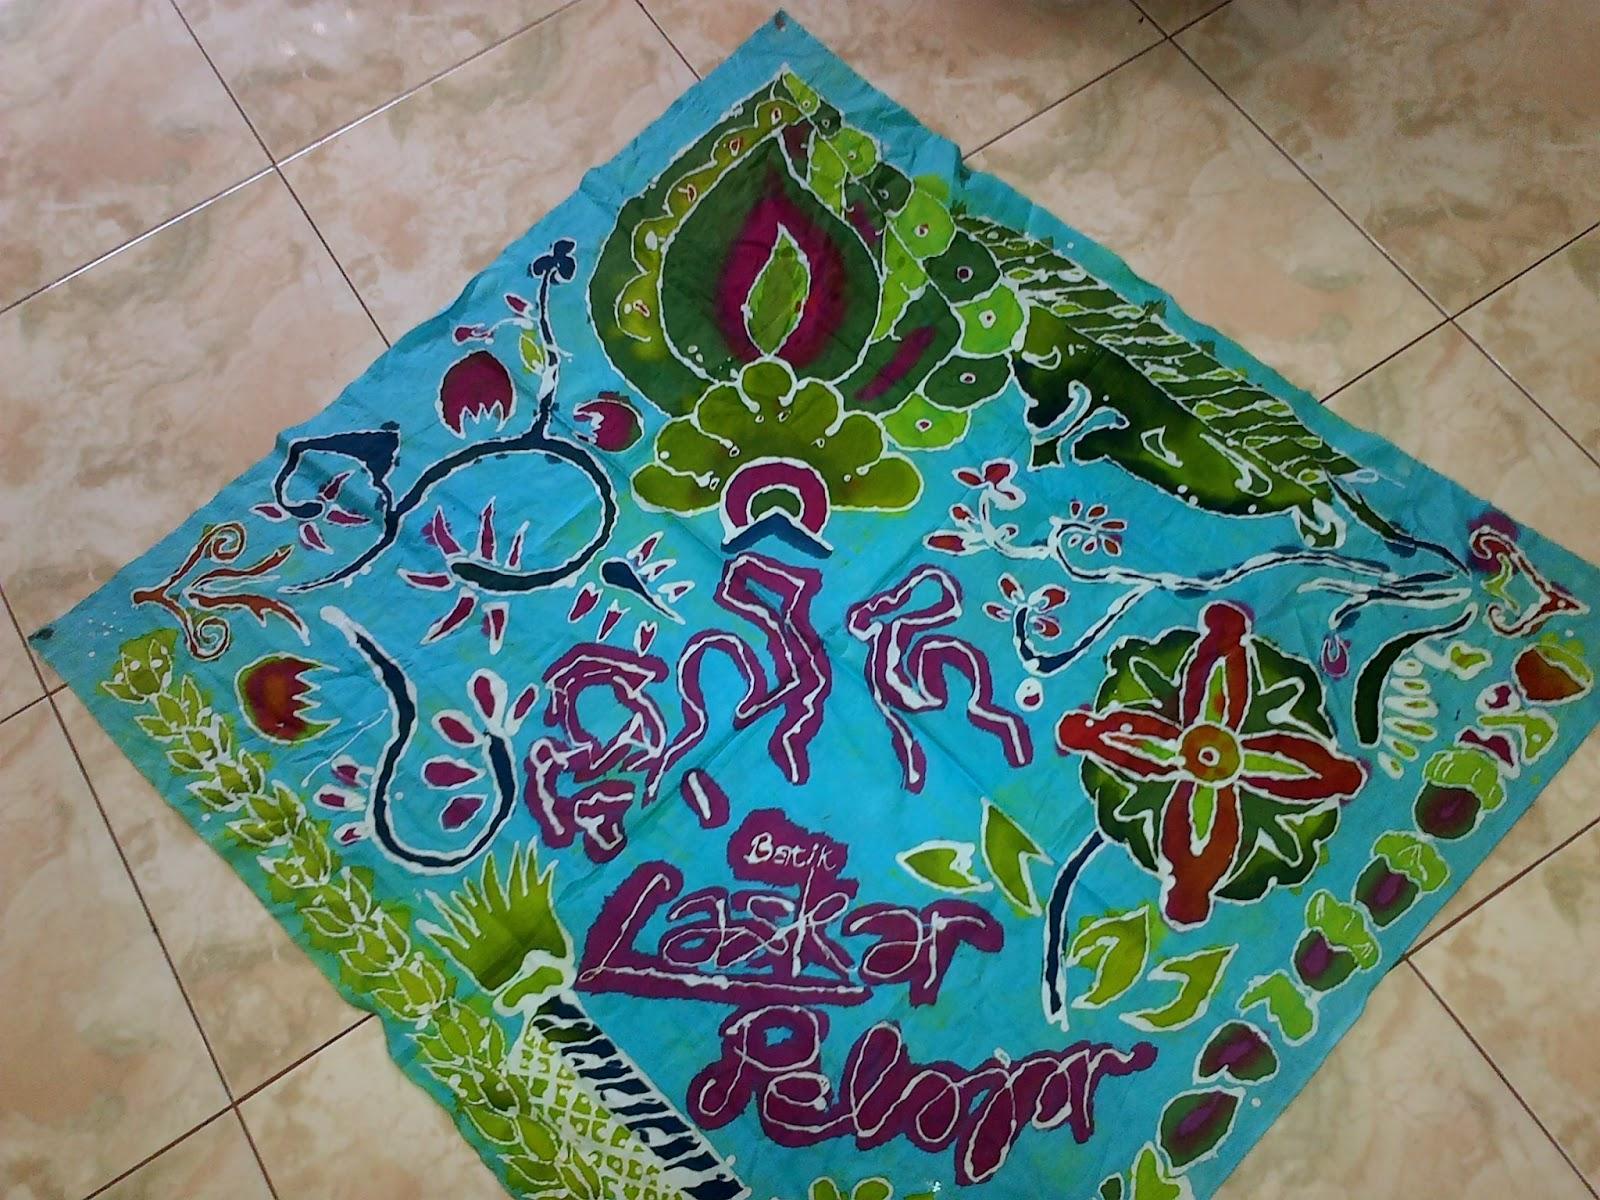 Batik Nusantara Membuat Batik Tulis Nusantara Dengan Motif Sesuai